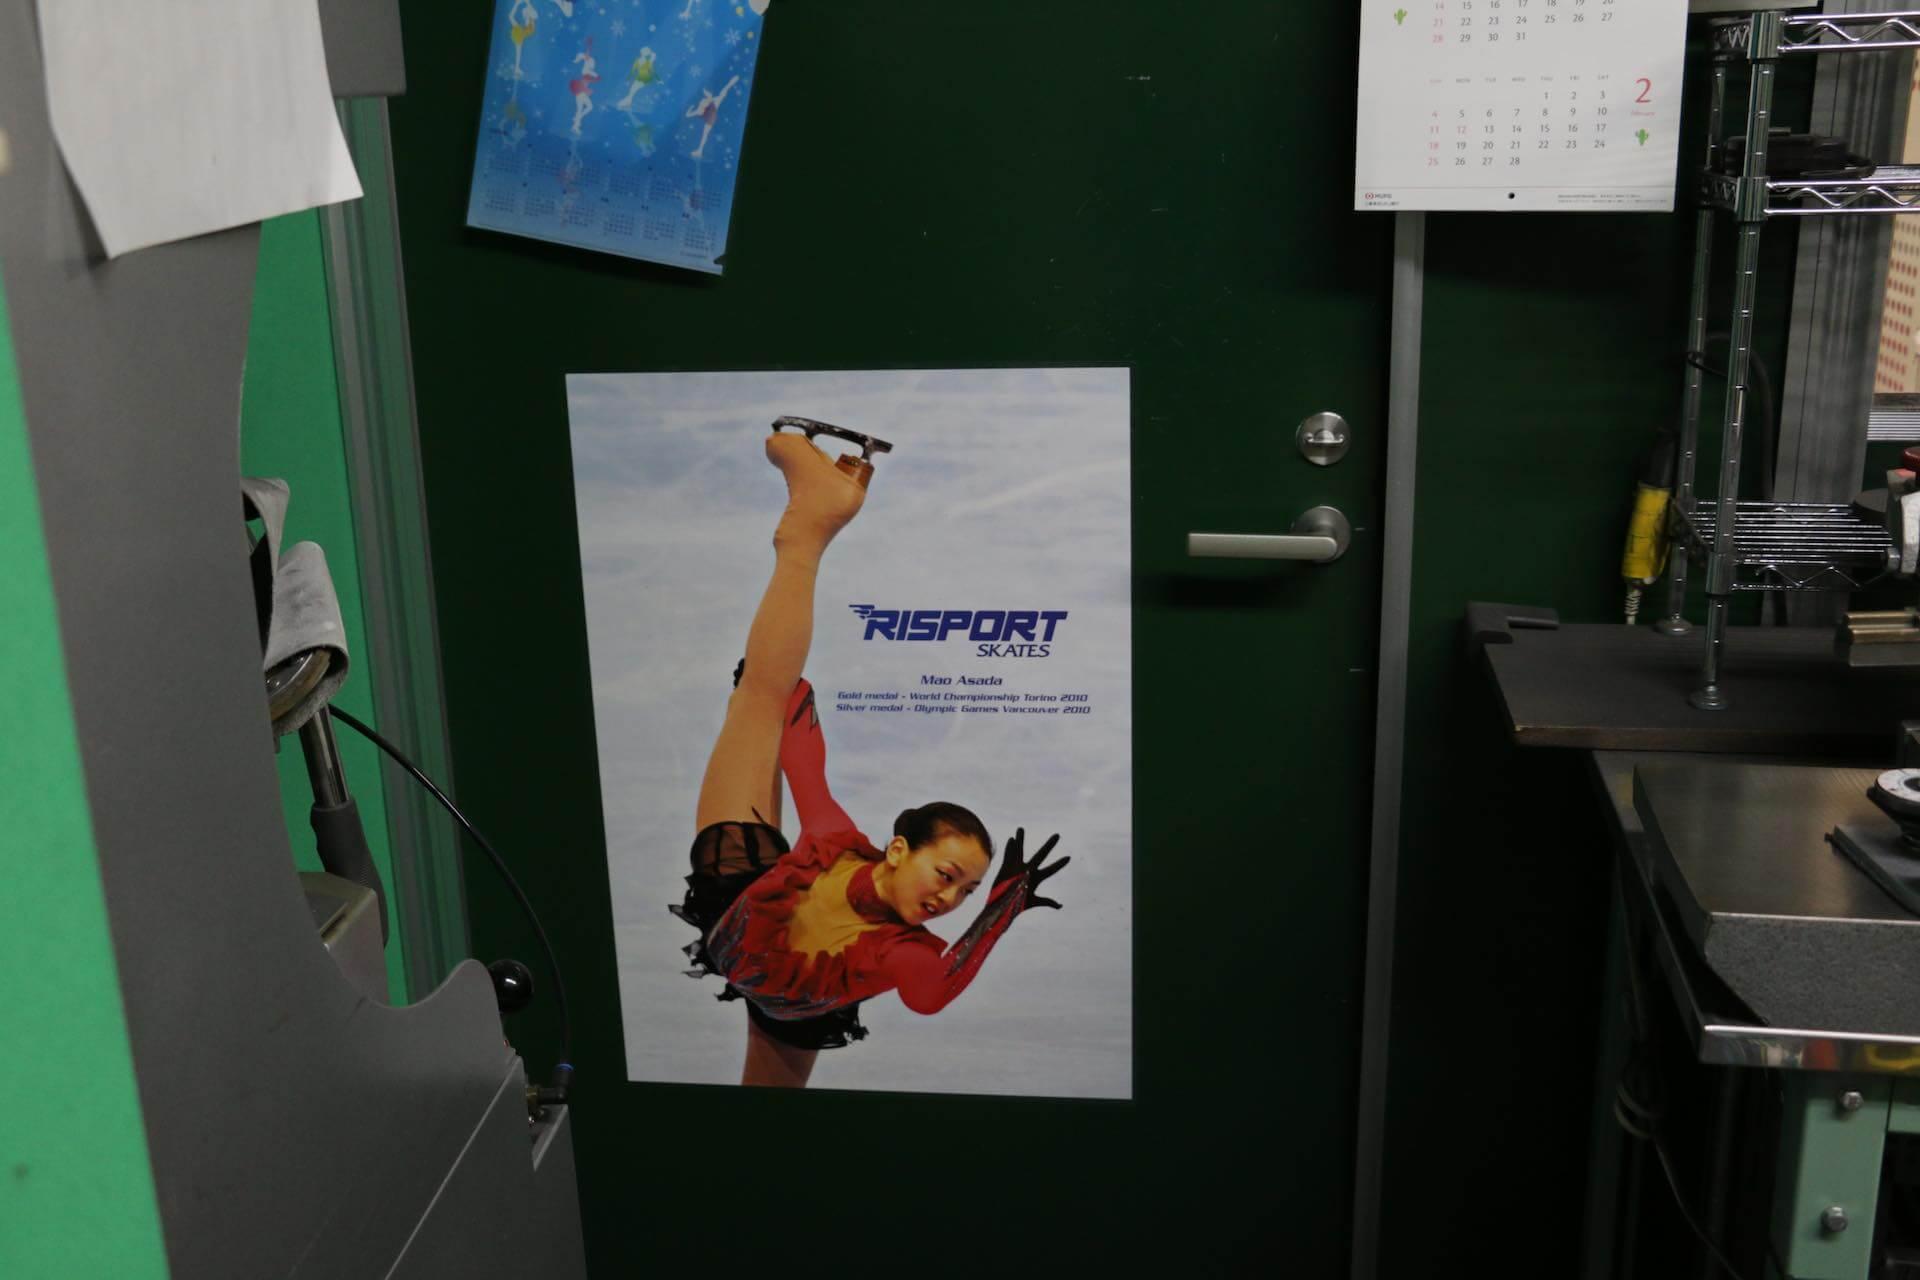 鉄粉が飛ぶため密閉された機械研ぎの部屋。扉には選手だった頃の浅田真央さんのポスターが